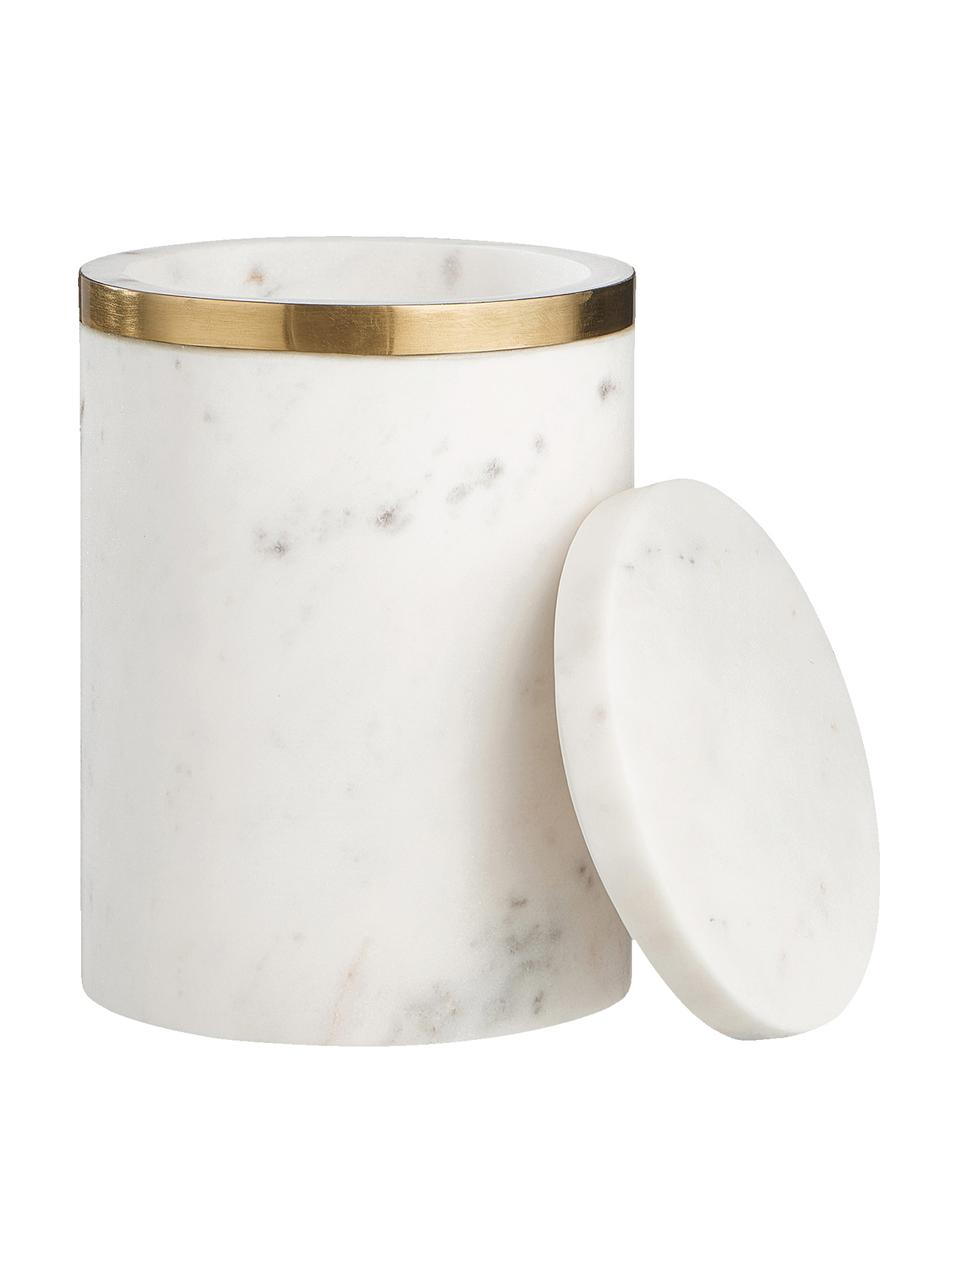 Pojemnik do przechowywania z marmuru Maniu, Marmur, Biały, Ø 12 x W 16 cm